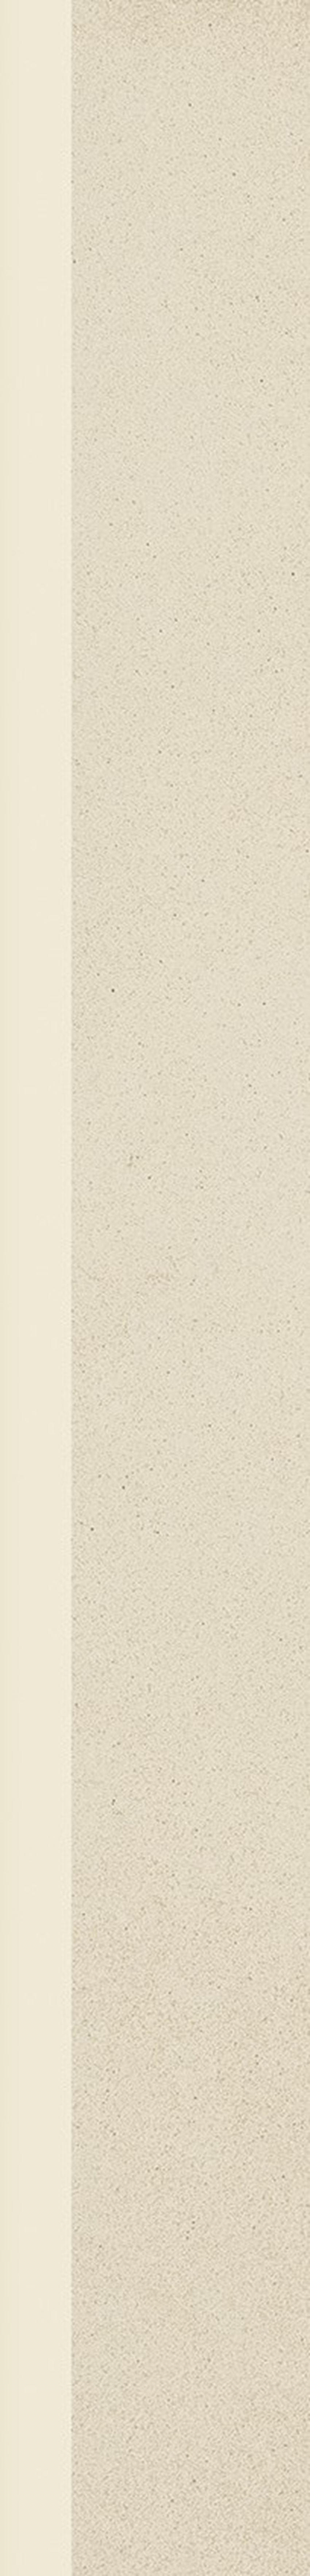 Dekoracja podłogowa 7,2x59,8 cm Paradyż Naturstone Beige Cokół Mat